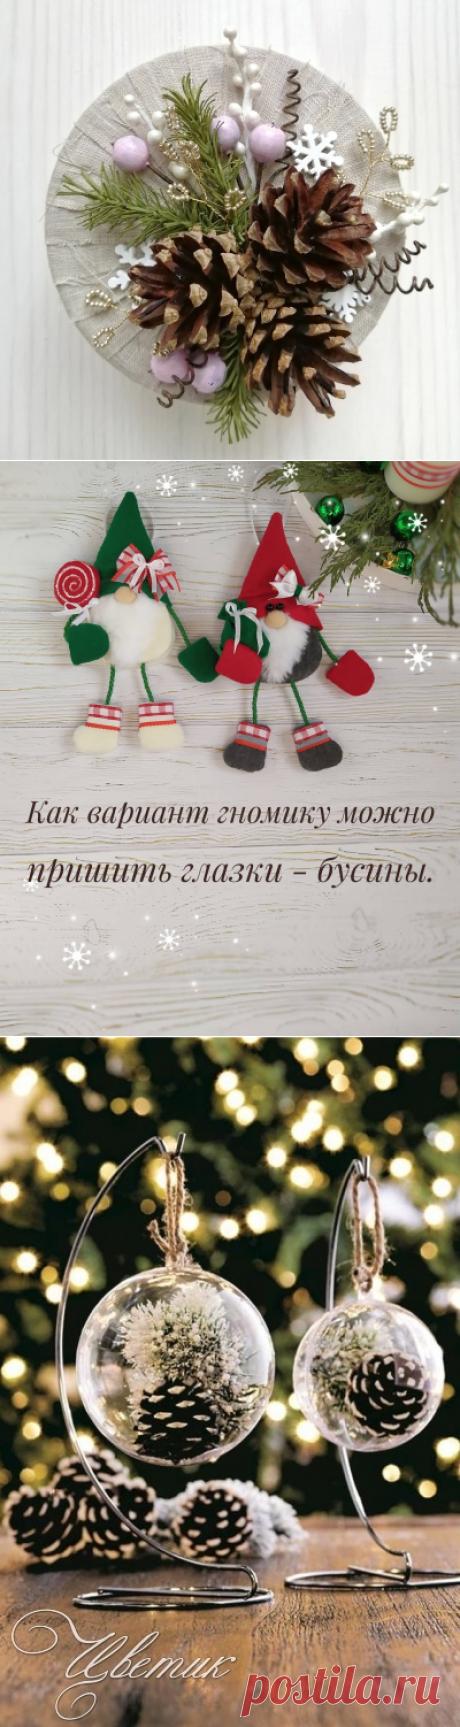 Новогоднее интерьерное